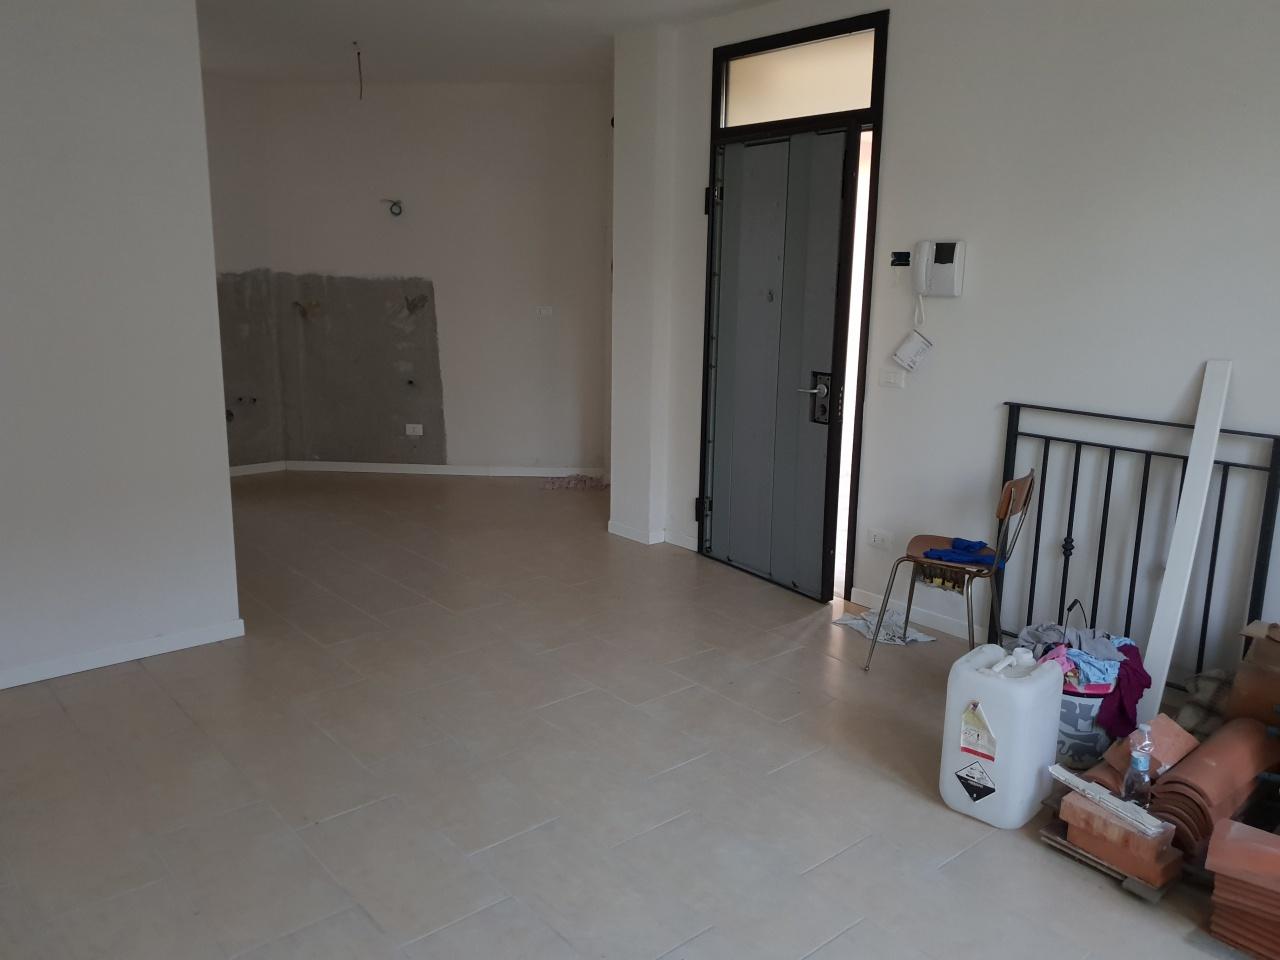 Soluzione Indipendente in affitto a Montale, 4 locali, prezzo € 800   PortaleAgenzieImmobiliari.it